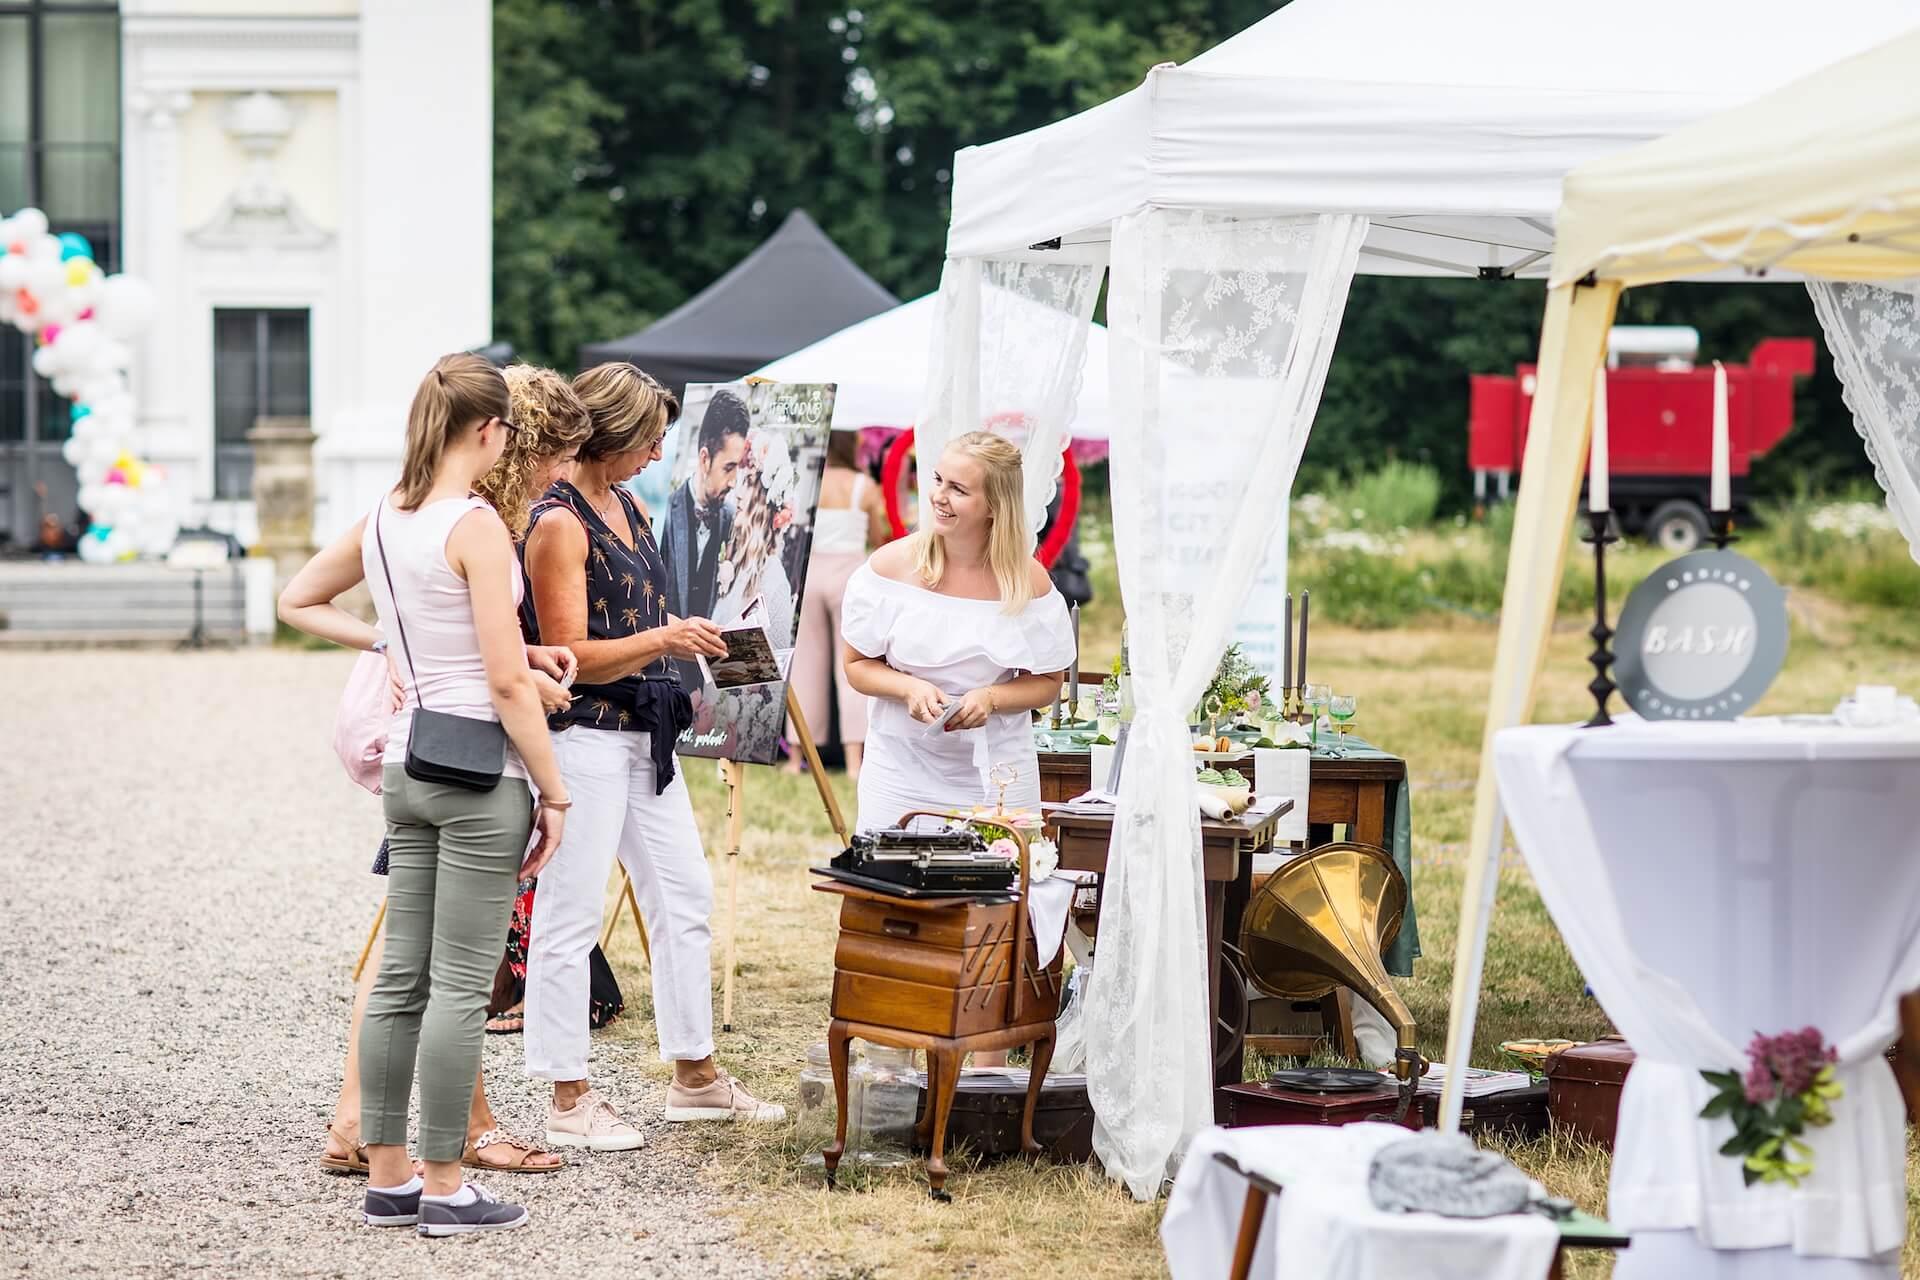 Wedding-Market-Leipzig-Sommer-Edition-2018-MitDirUndMir-(c)-Anne-Schwerin.jpg